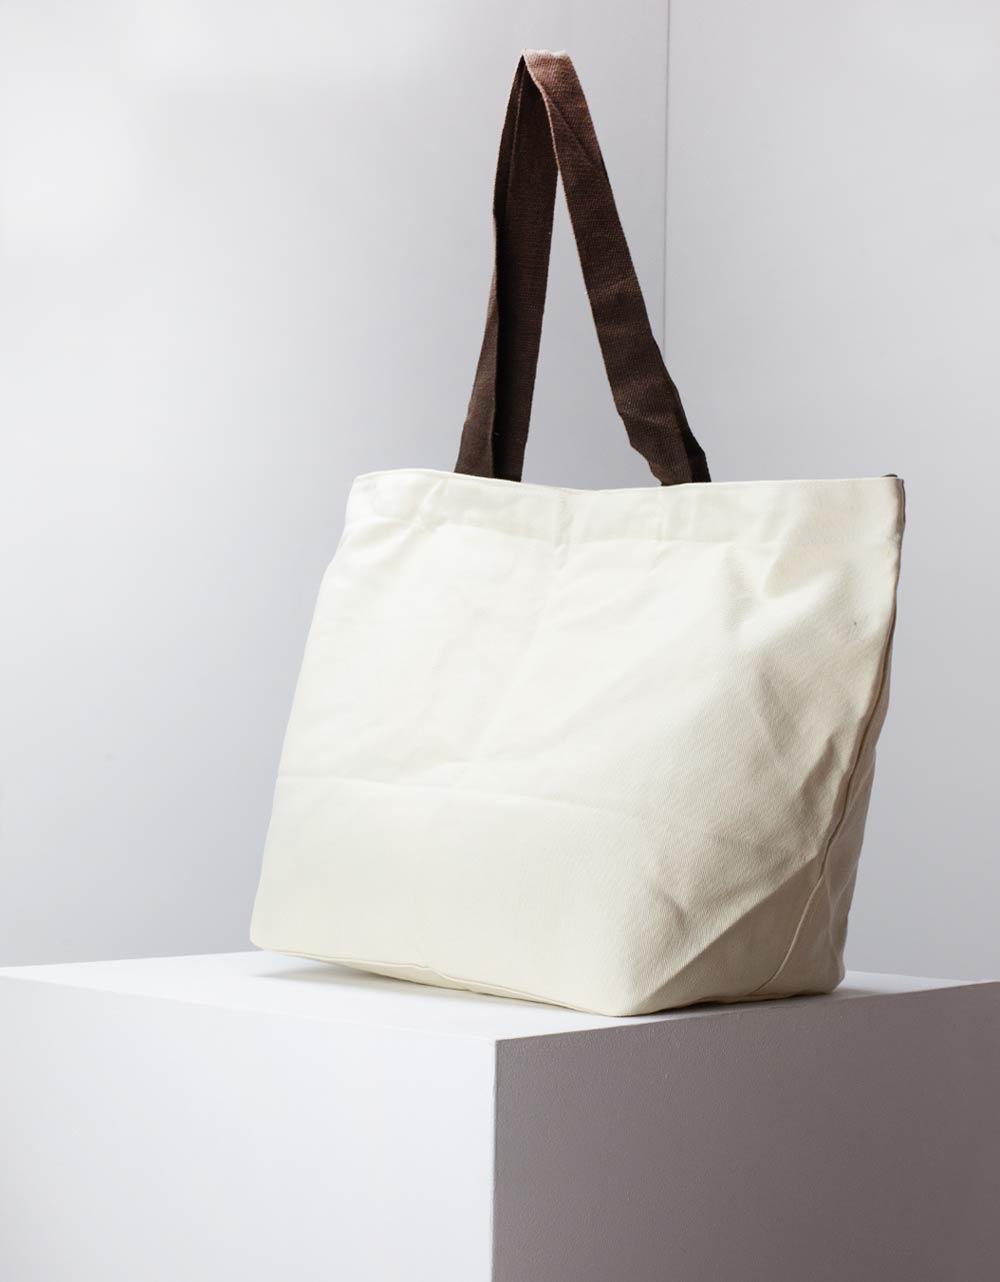 Εικόνα από Γυναικεία τσάντα ώμου μονόχρωμη Μπεζ